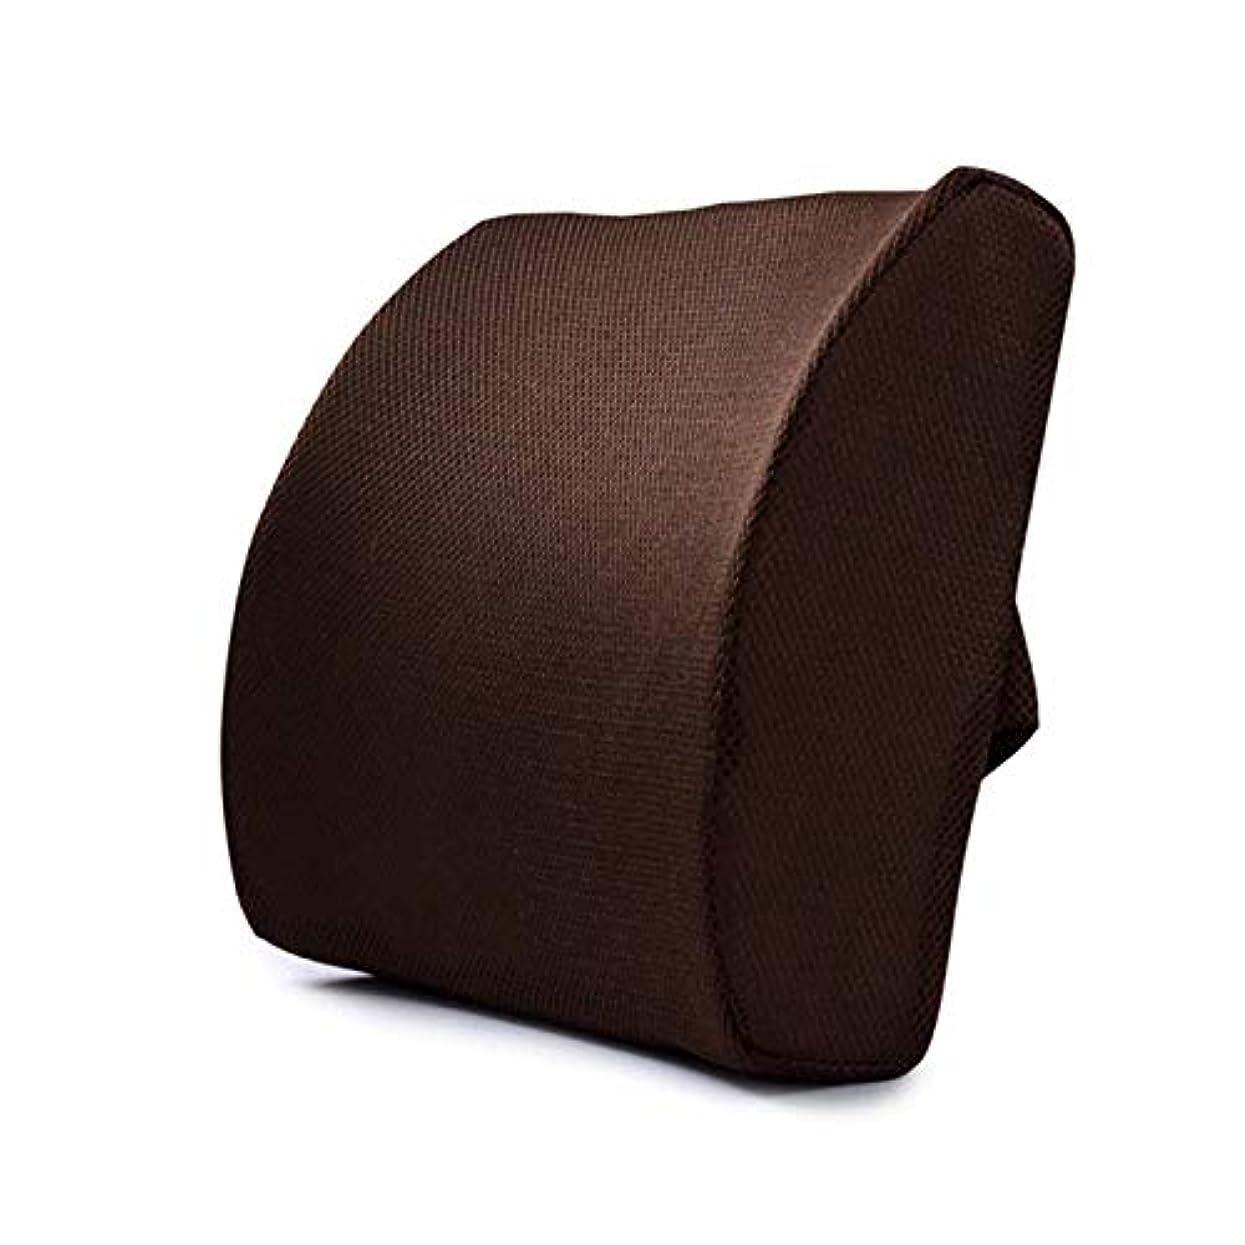 うがい薬謝る通路LIFE ホームオフィス背もたれ椅子腰椎クッションカーシートネック枕 3D 低反発サポートバックマッサージウエストレスリビング枕 クッション 椅子